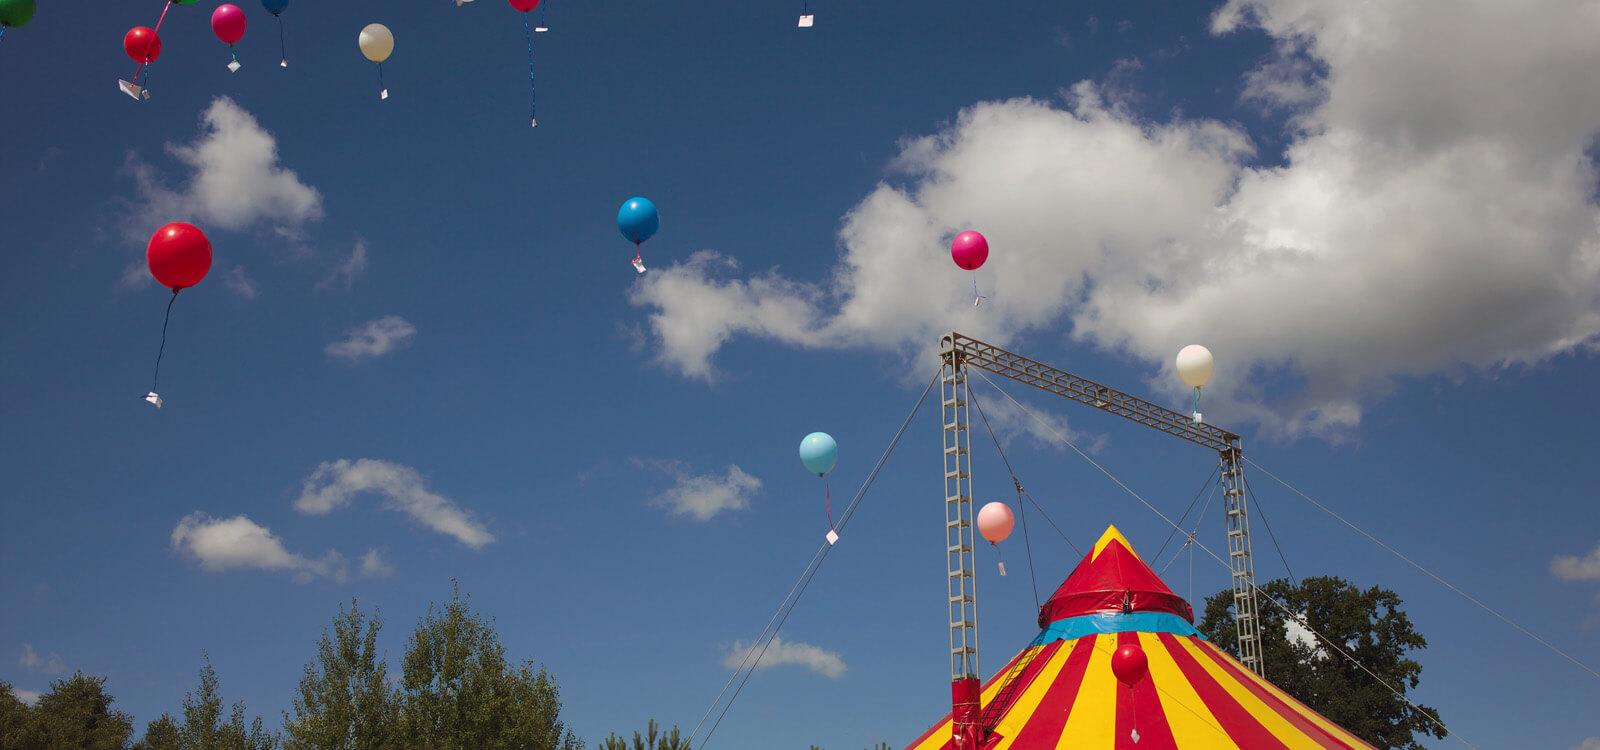 Luftballons mit Wunschzetteln steigen in die Luft